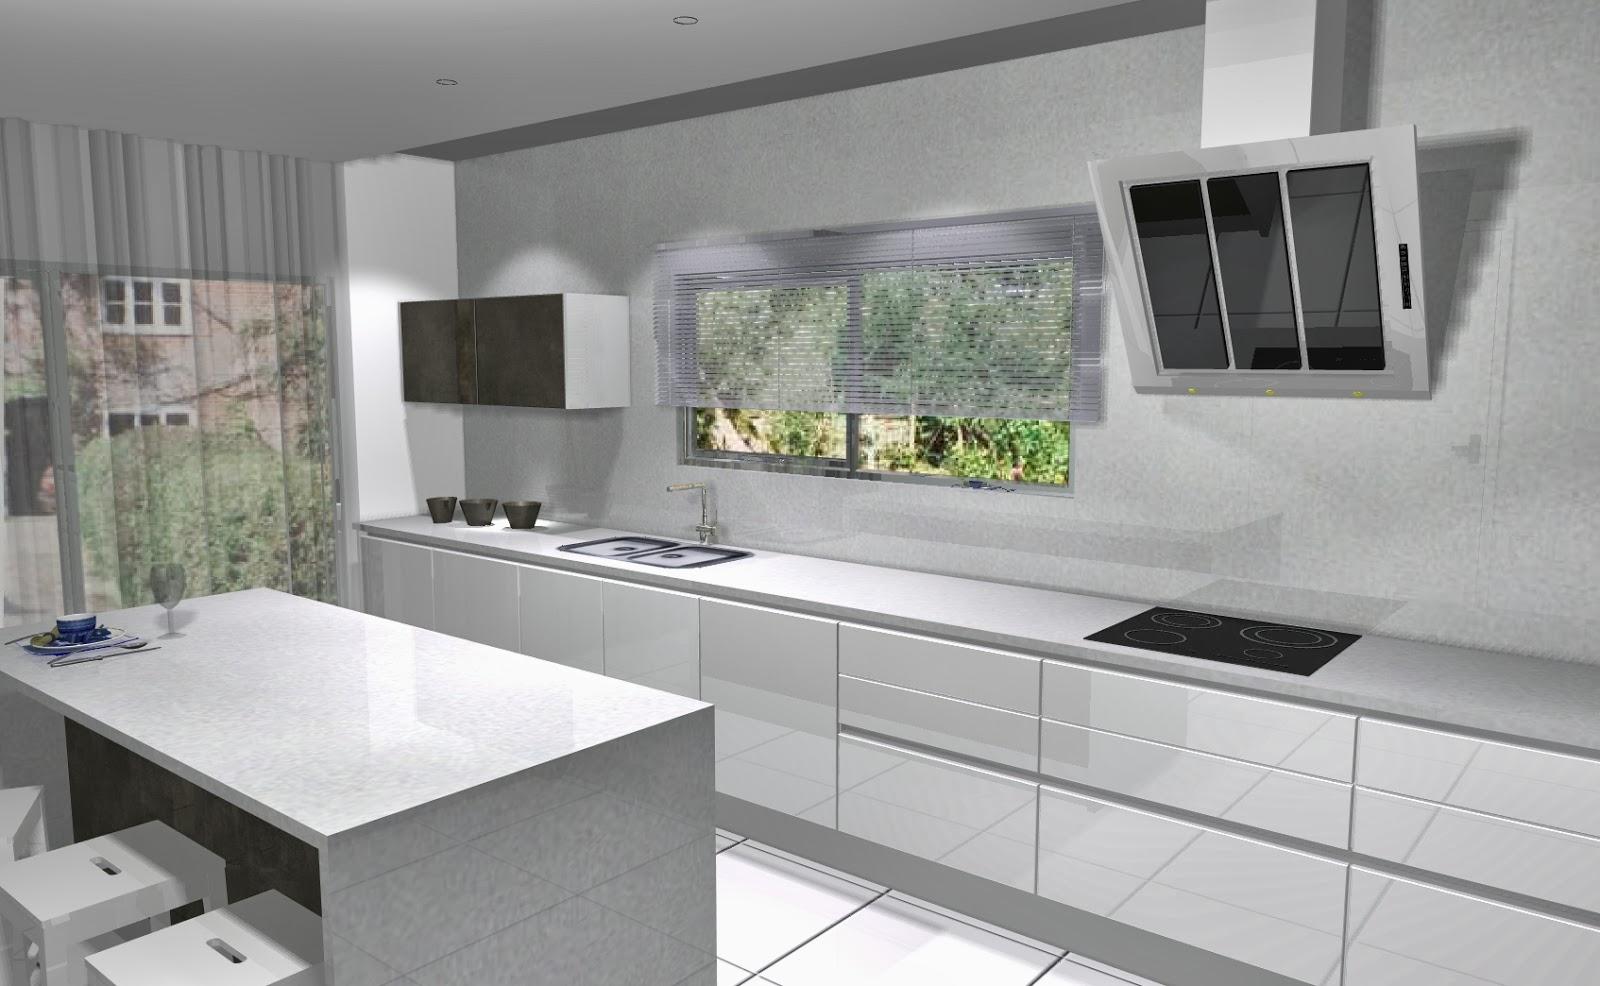 #69714A Celeiro do Móvel: Cozinha moderna 3D o branco! 1600x986 px Projetar Uma Cozinha Remodelar_983 Imagens